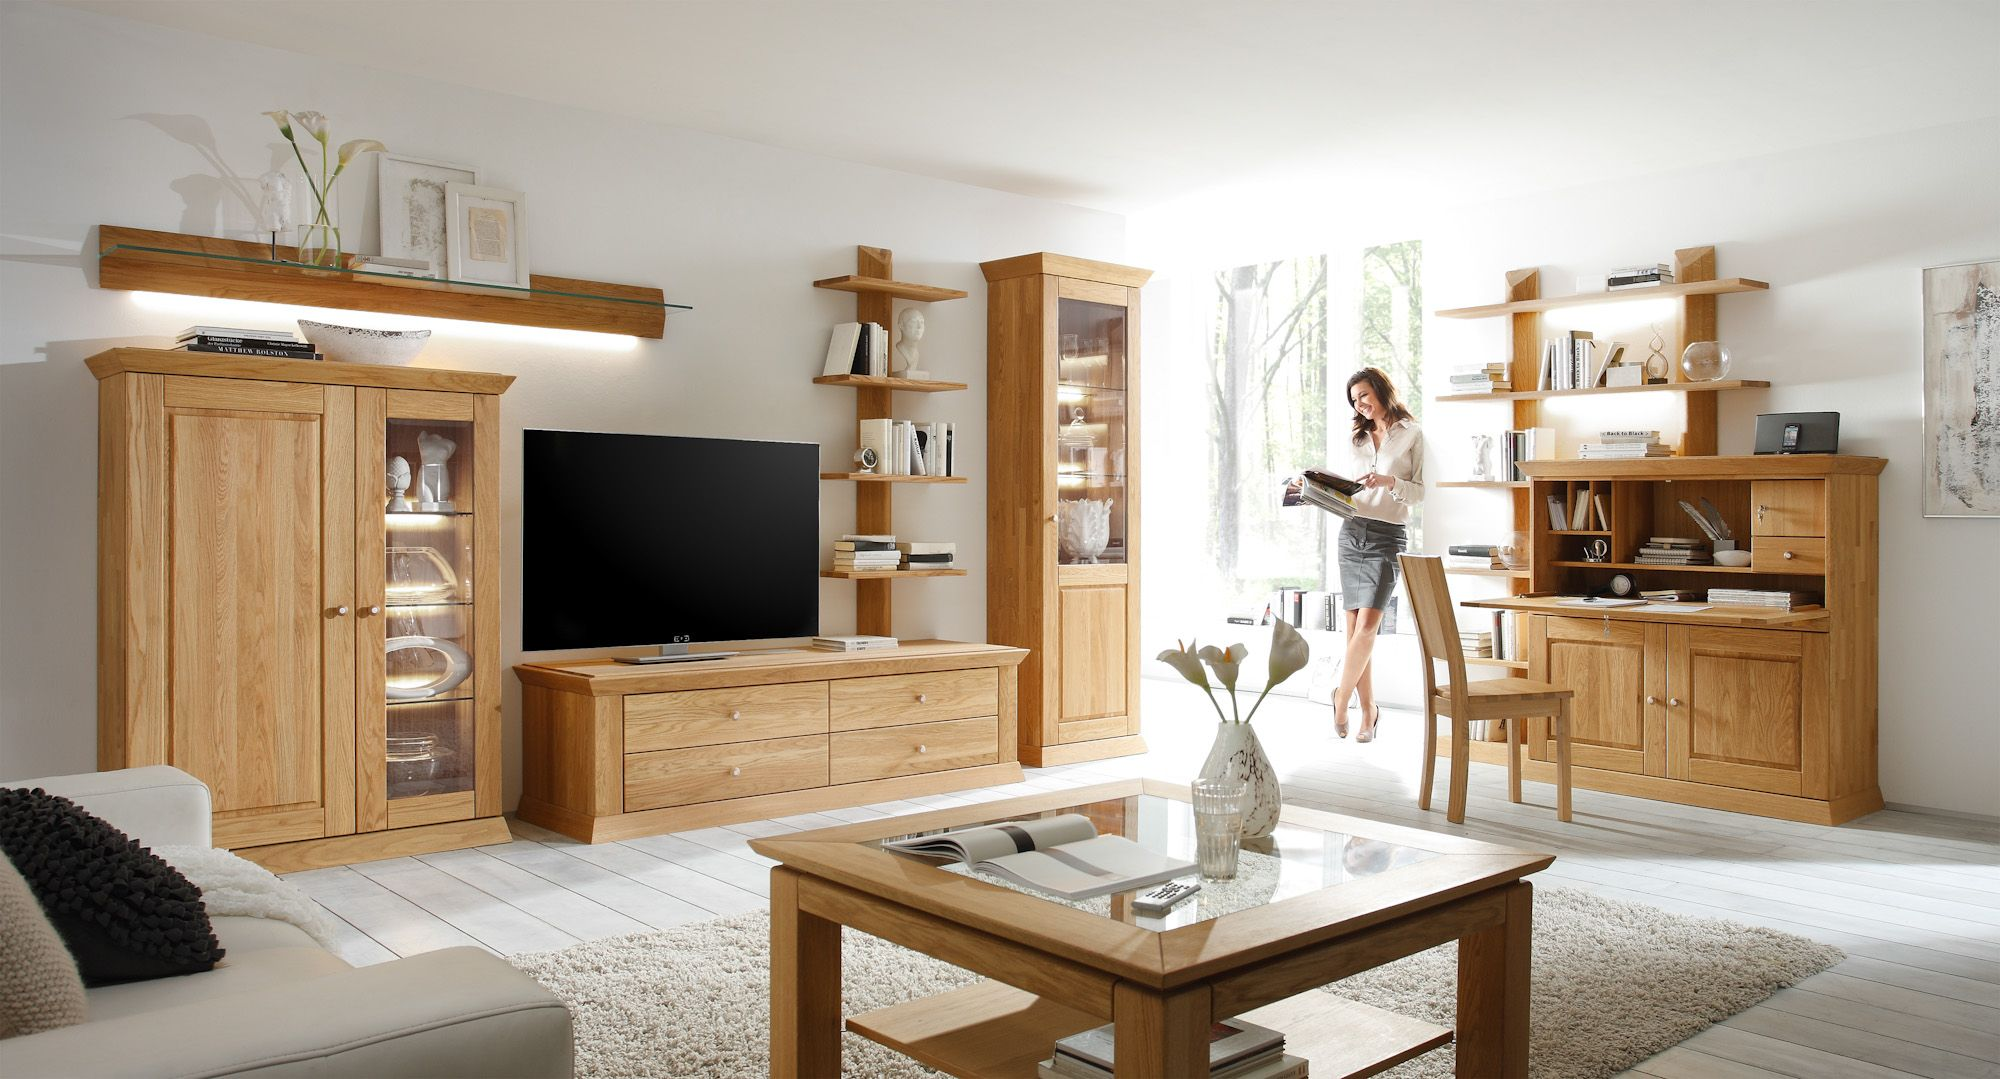 Wohnzimmermöbel massivholz ~ Landhaus wohnzimmer und speisezimmerprogramm massivholz bei